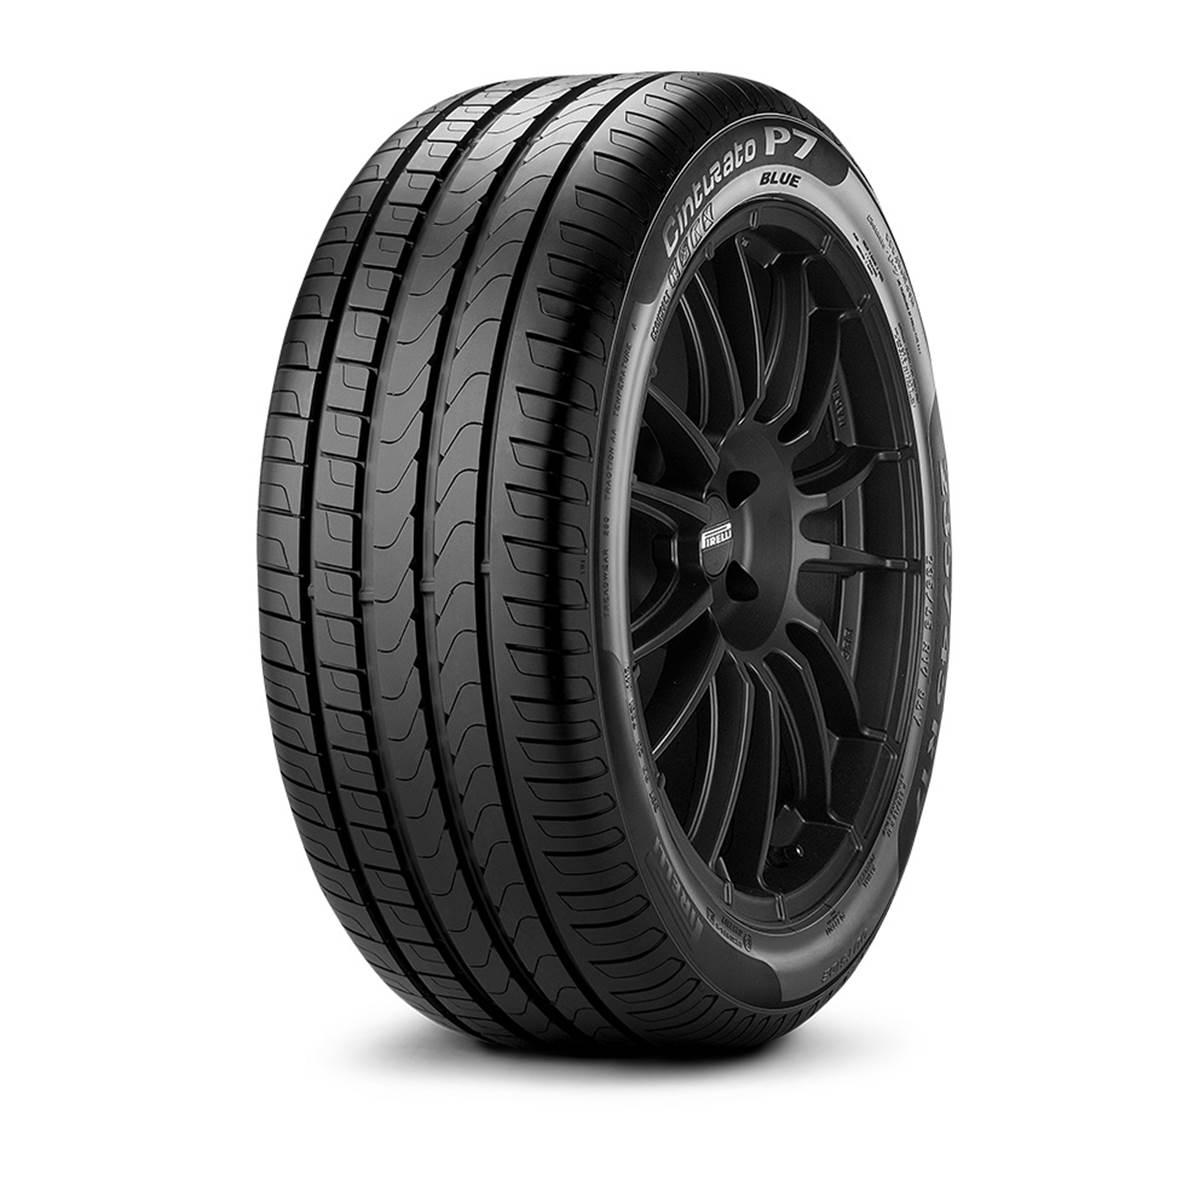 Pneu Pirelli 235/45R17 97W Cinturato P7 Blue